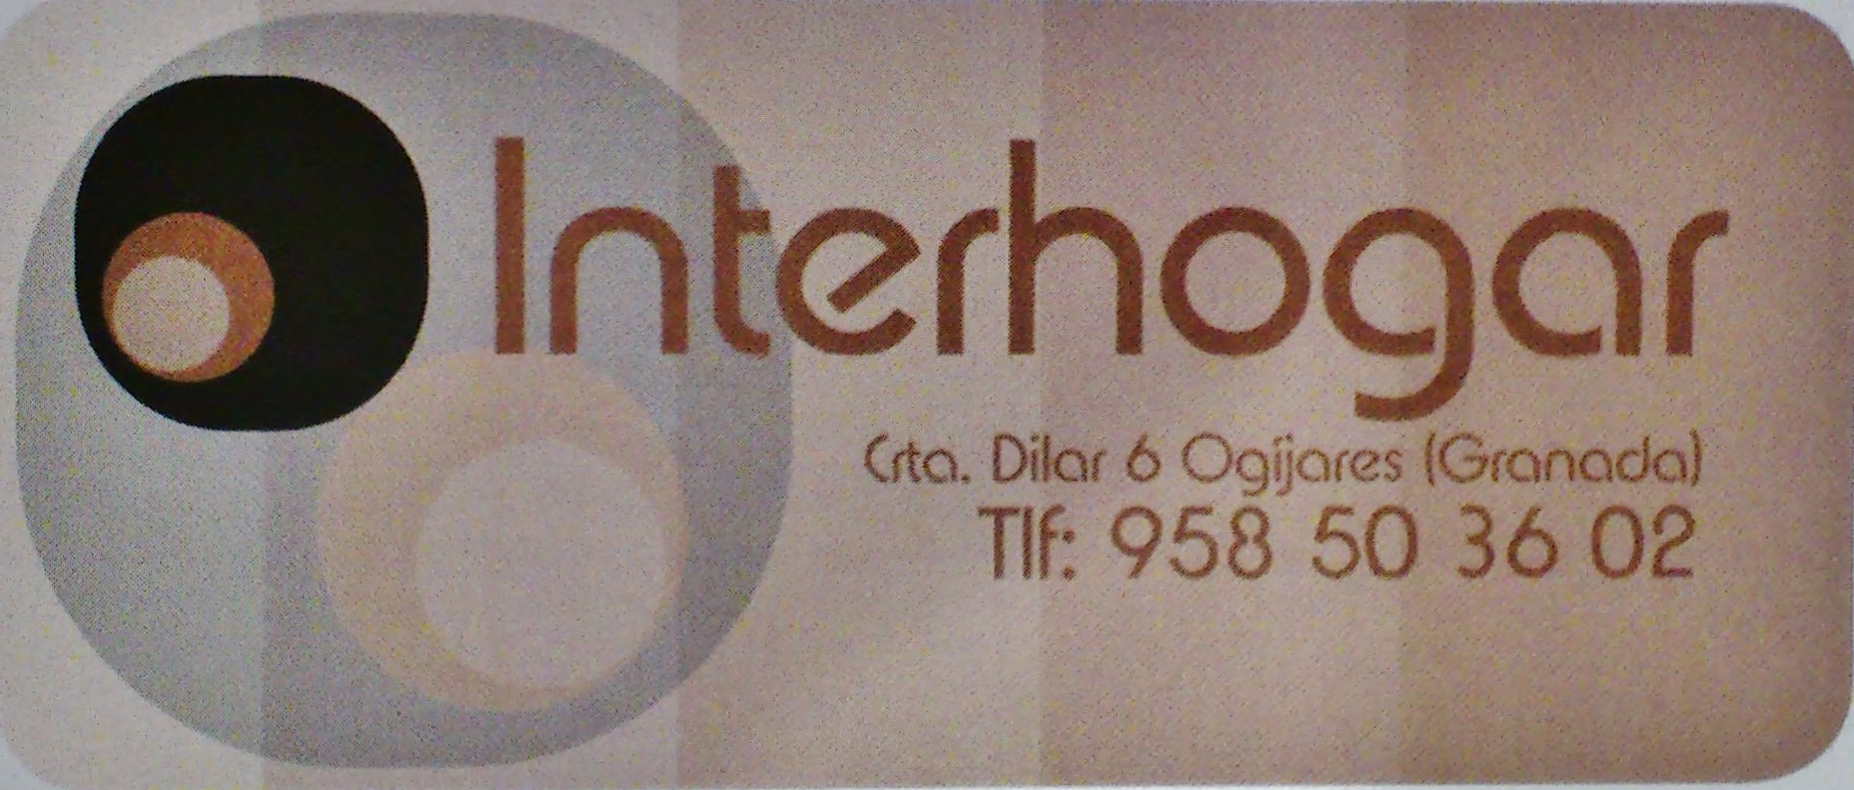 Interhogar